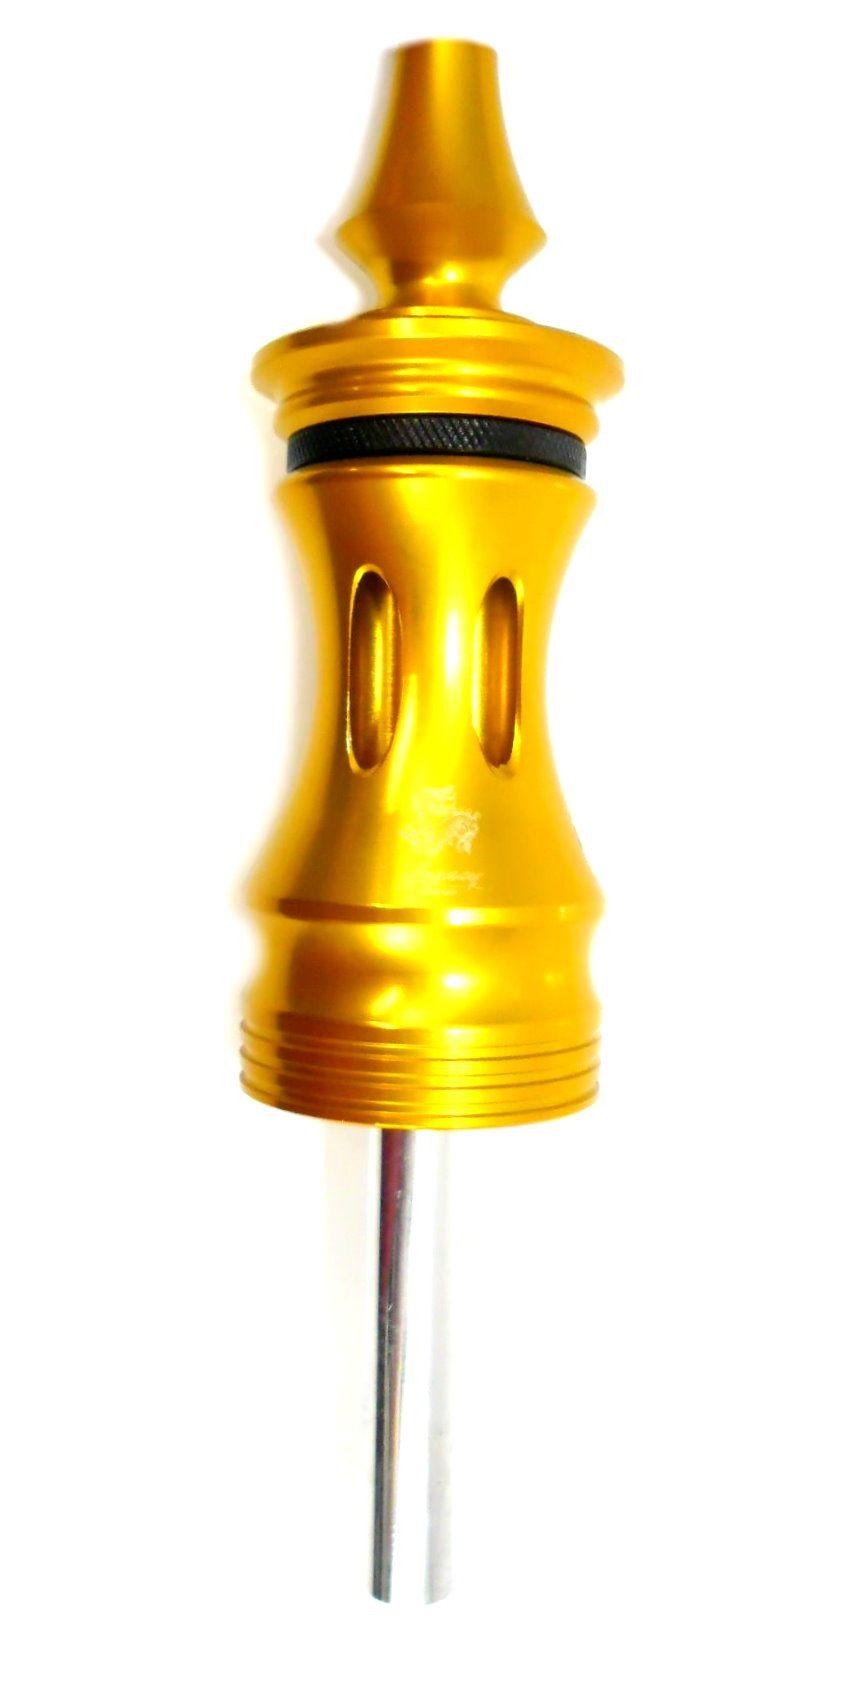 Stem (corpo de narguile) LEGACY FLUSH, em alumínio maciço, 22cm. - Cores Variadas